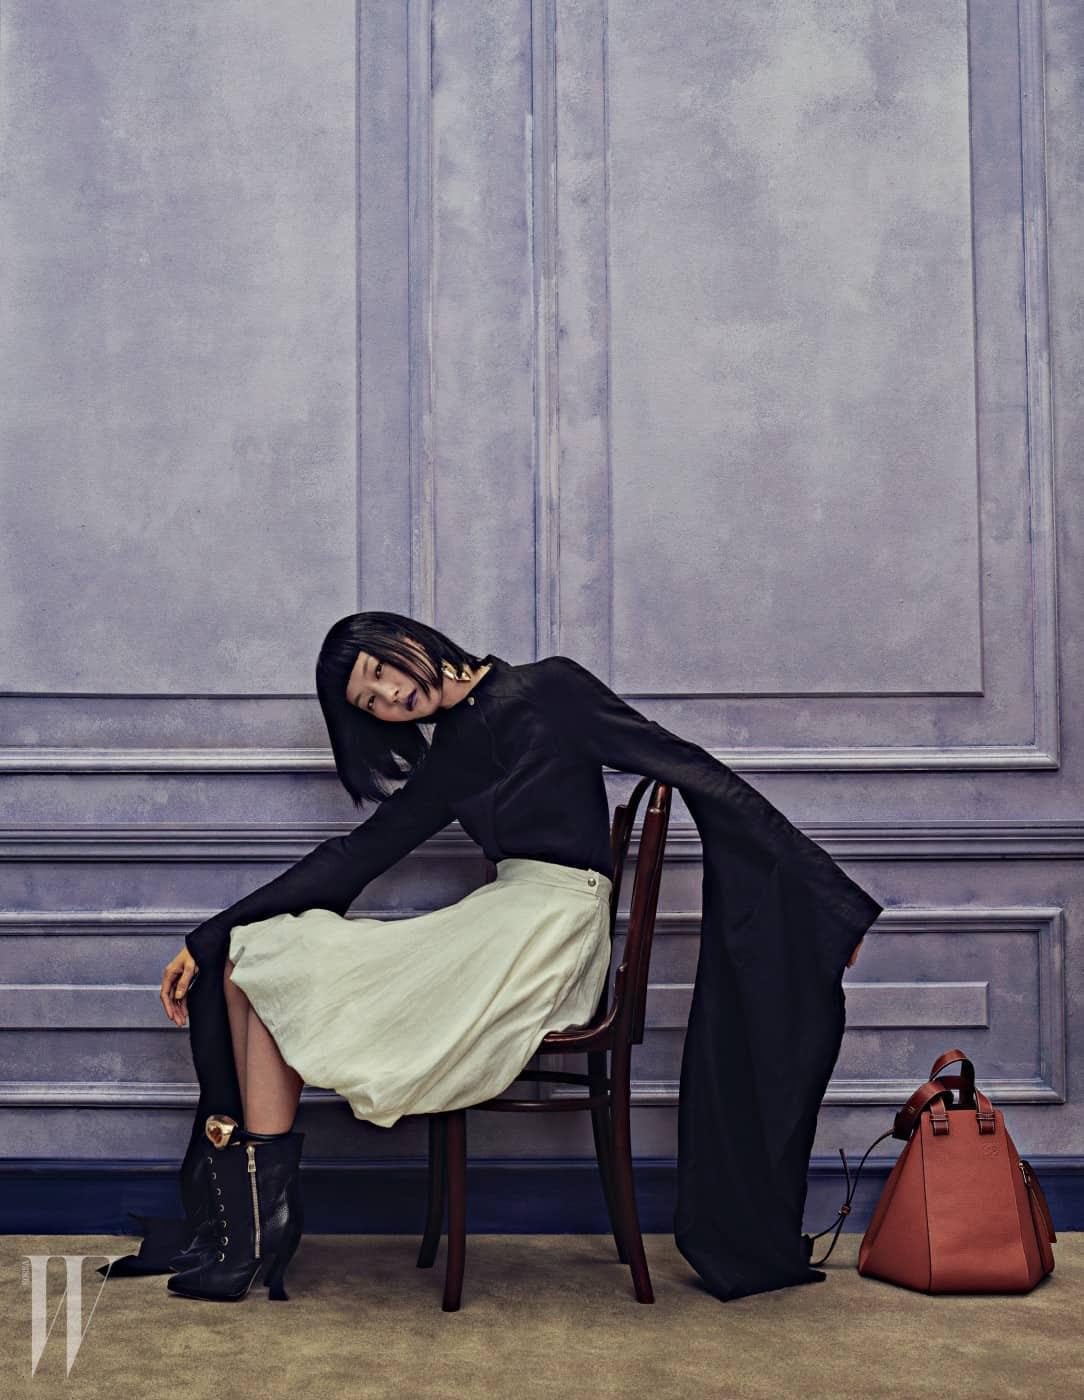 긴소매가 아티스틱한 분위기를 자아내는 검정 집업 쇼트 재킷, 벌룬 스커트, 골드 빈티지 마스크 귀고리, 조형적인 형태와 자연스러운 색감이 돋보이는 해먹 백 탠(Hammock Bag Tan), 발목에 연출한 금빛 코르사주 장식 가죽 팔찌, 검정 레이스업 앵클부츠는 모두 Loewe 제품.